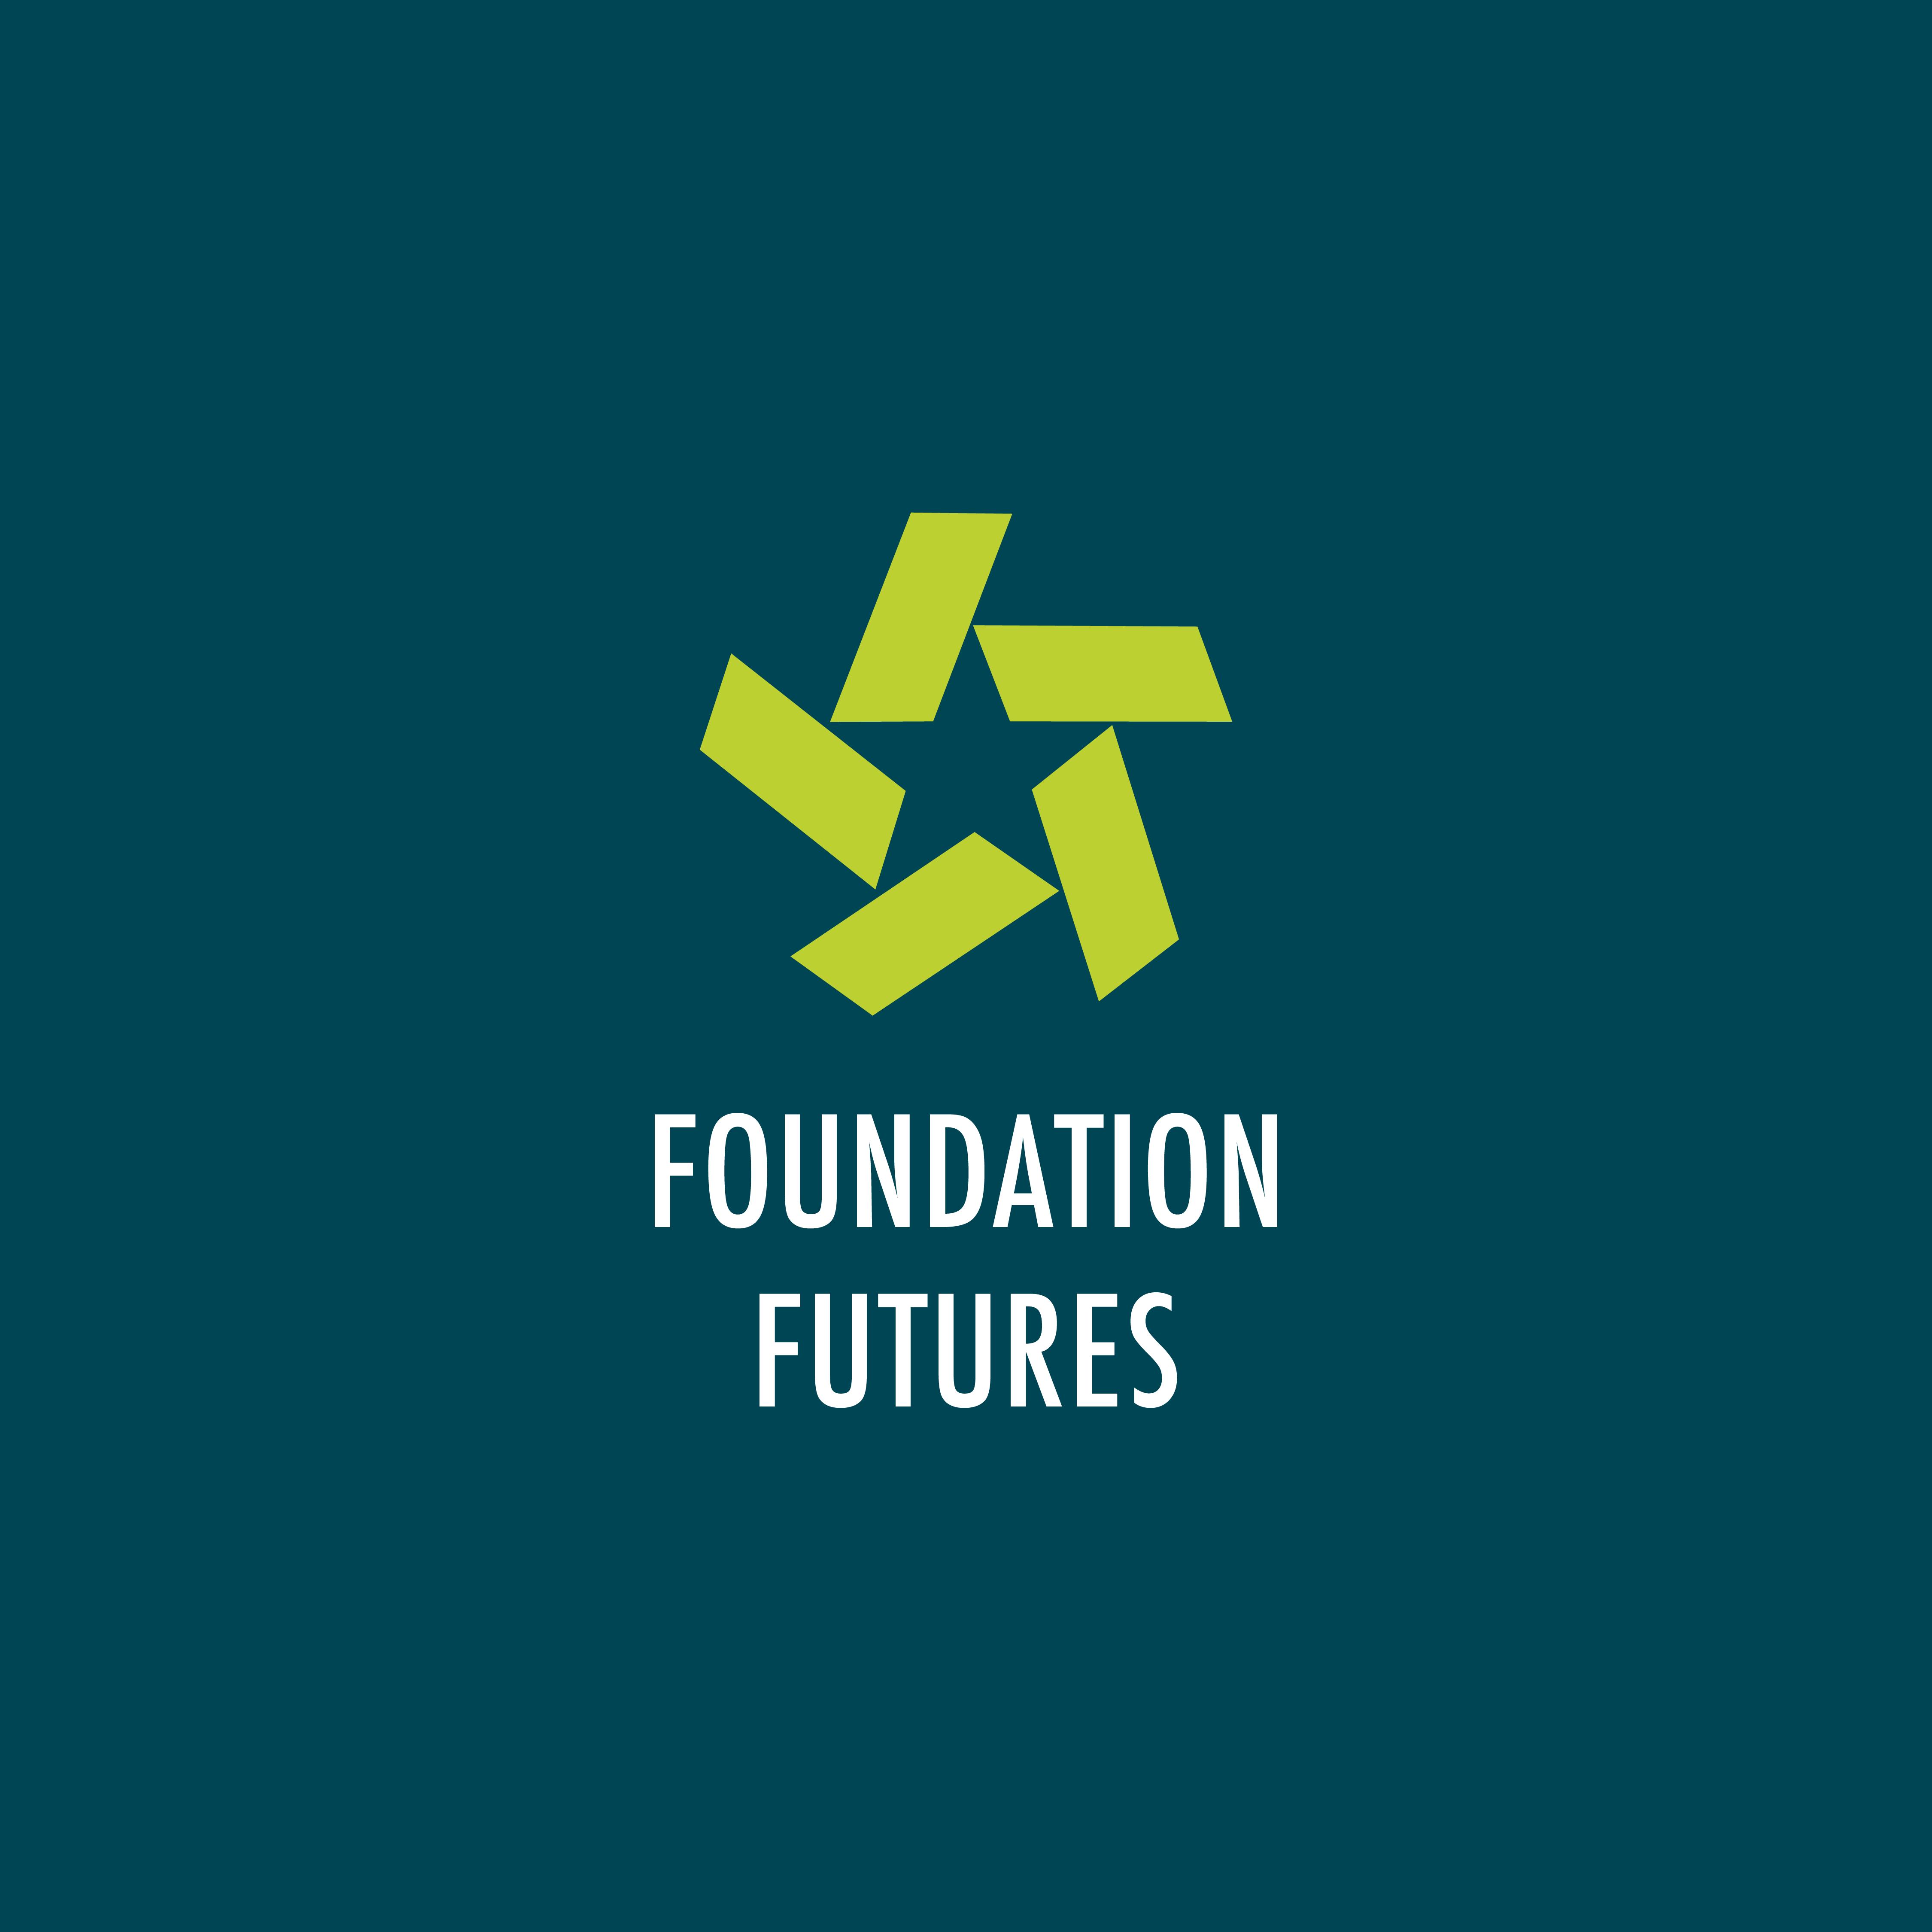 Foundation-futures-logo-blue-background